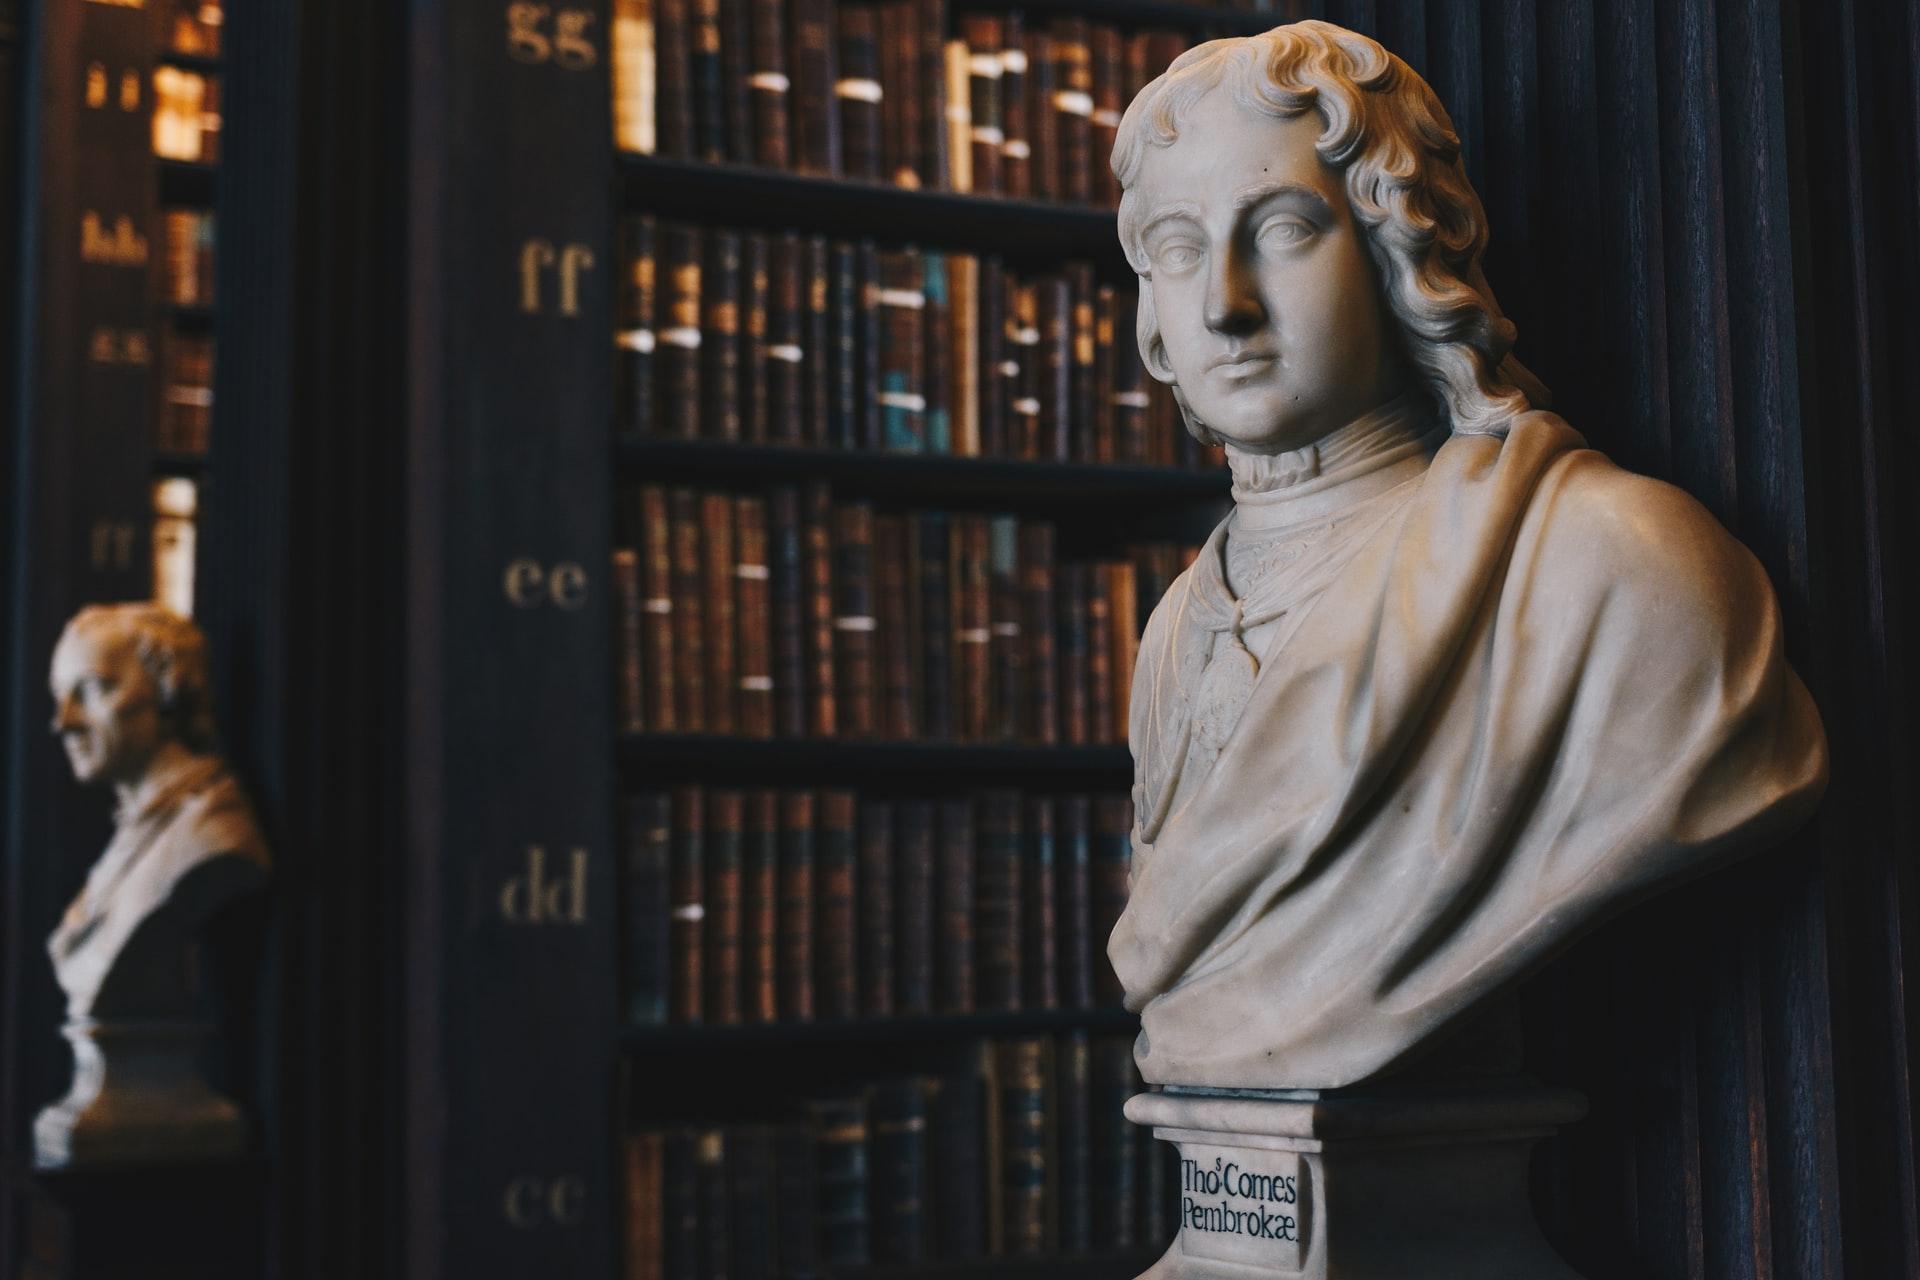 Zwei Büsten stehen in einer alten Bibliothek voller Gesetzbücher